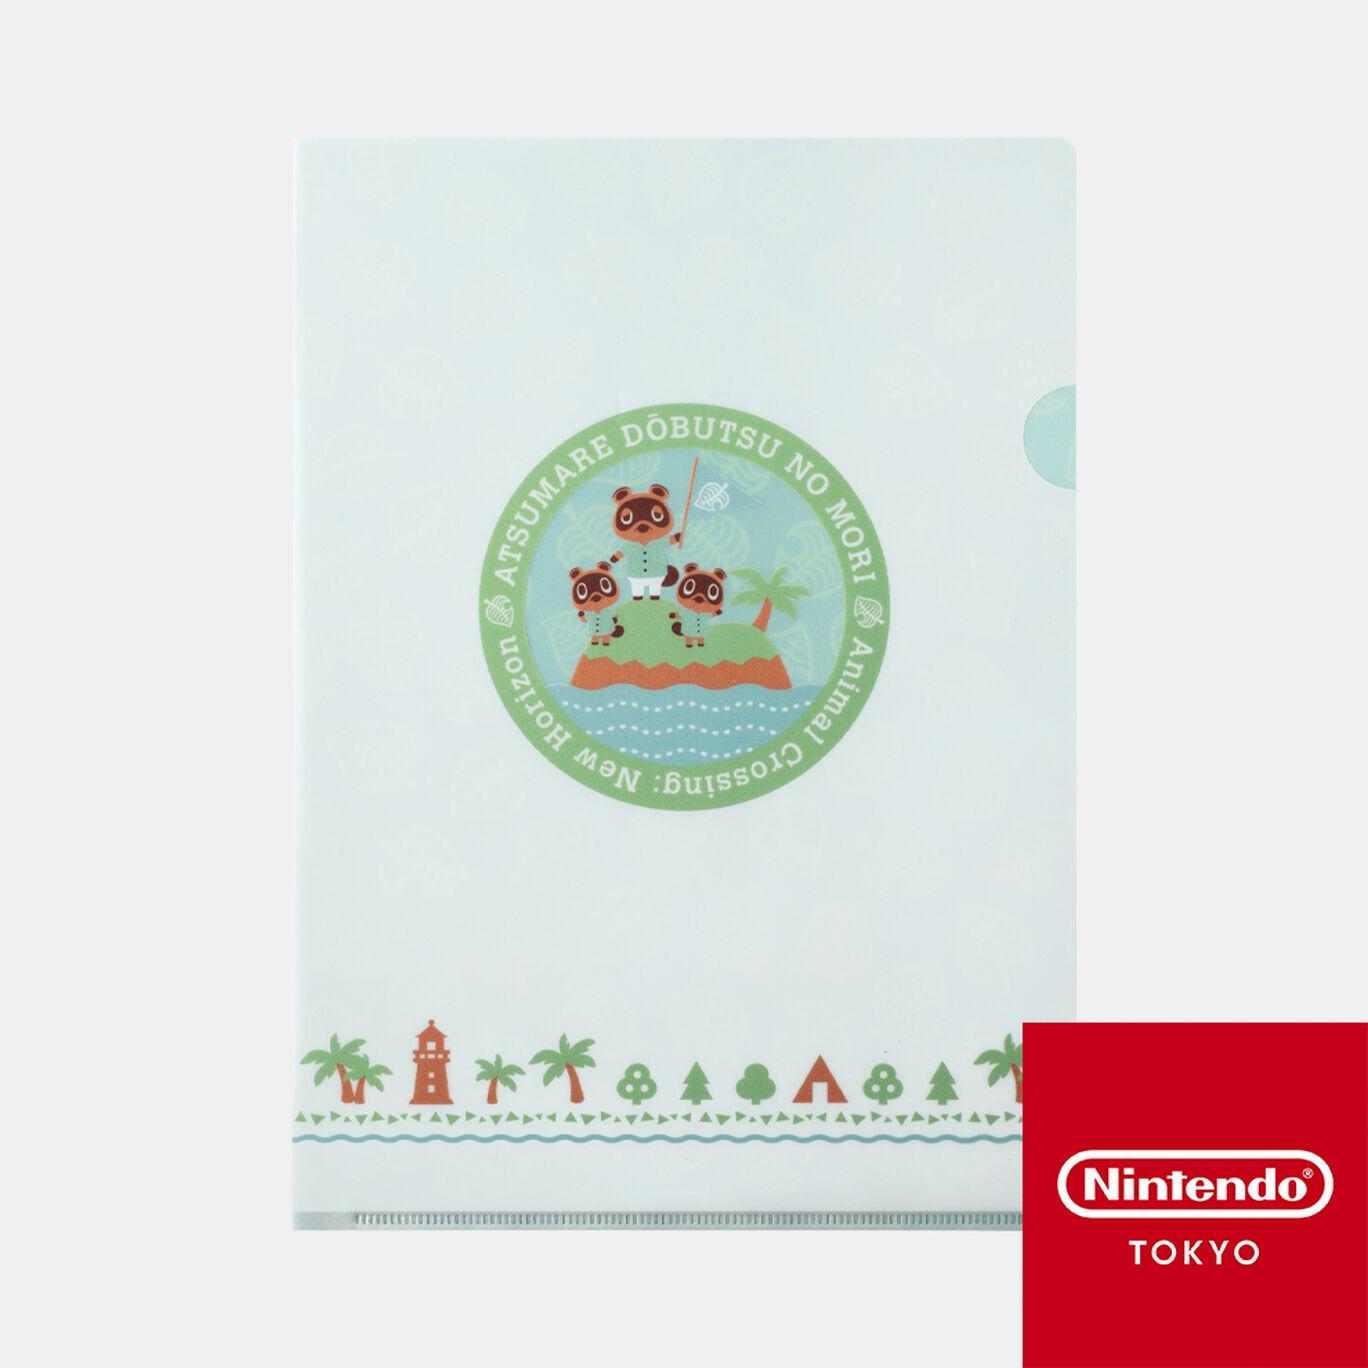 クリアファイルA あつまれ どうぶつの森【Nintendo TOKYO取り扱い商品】